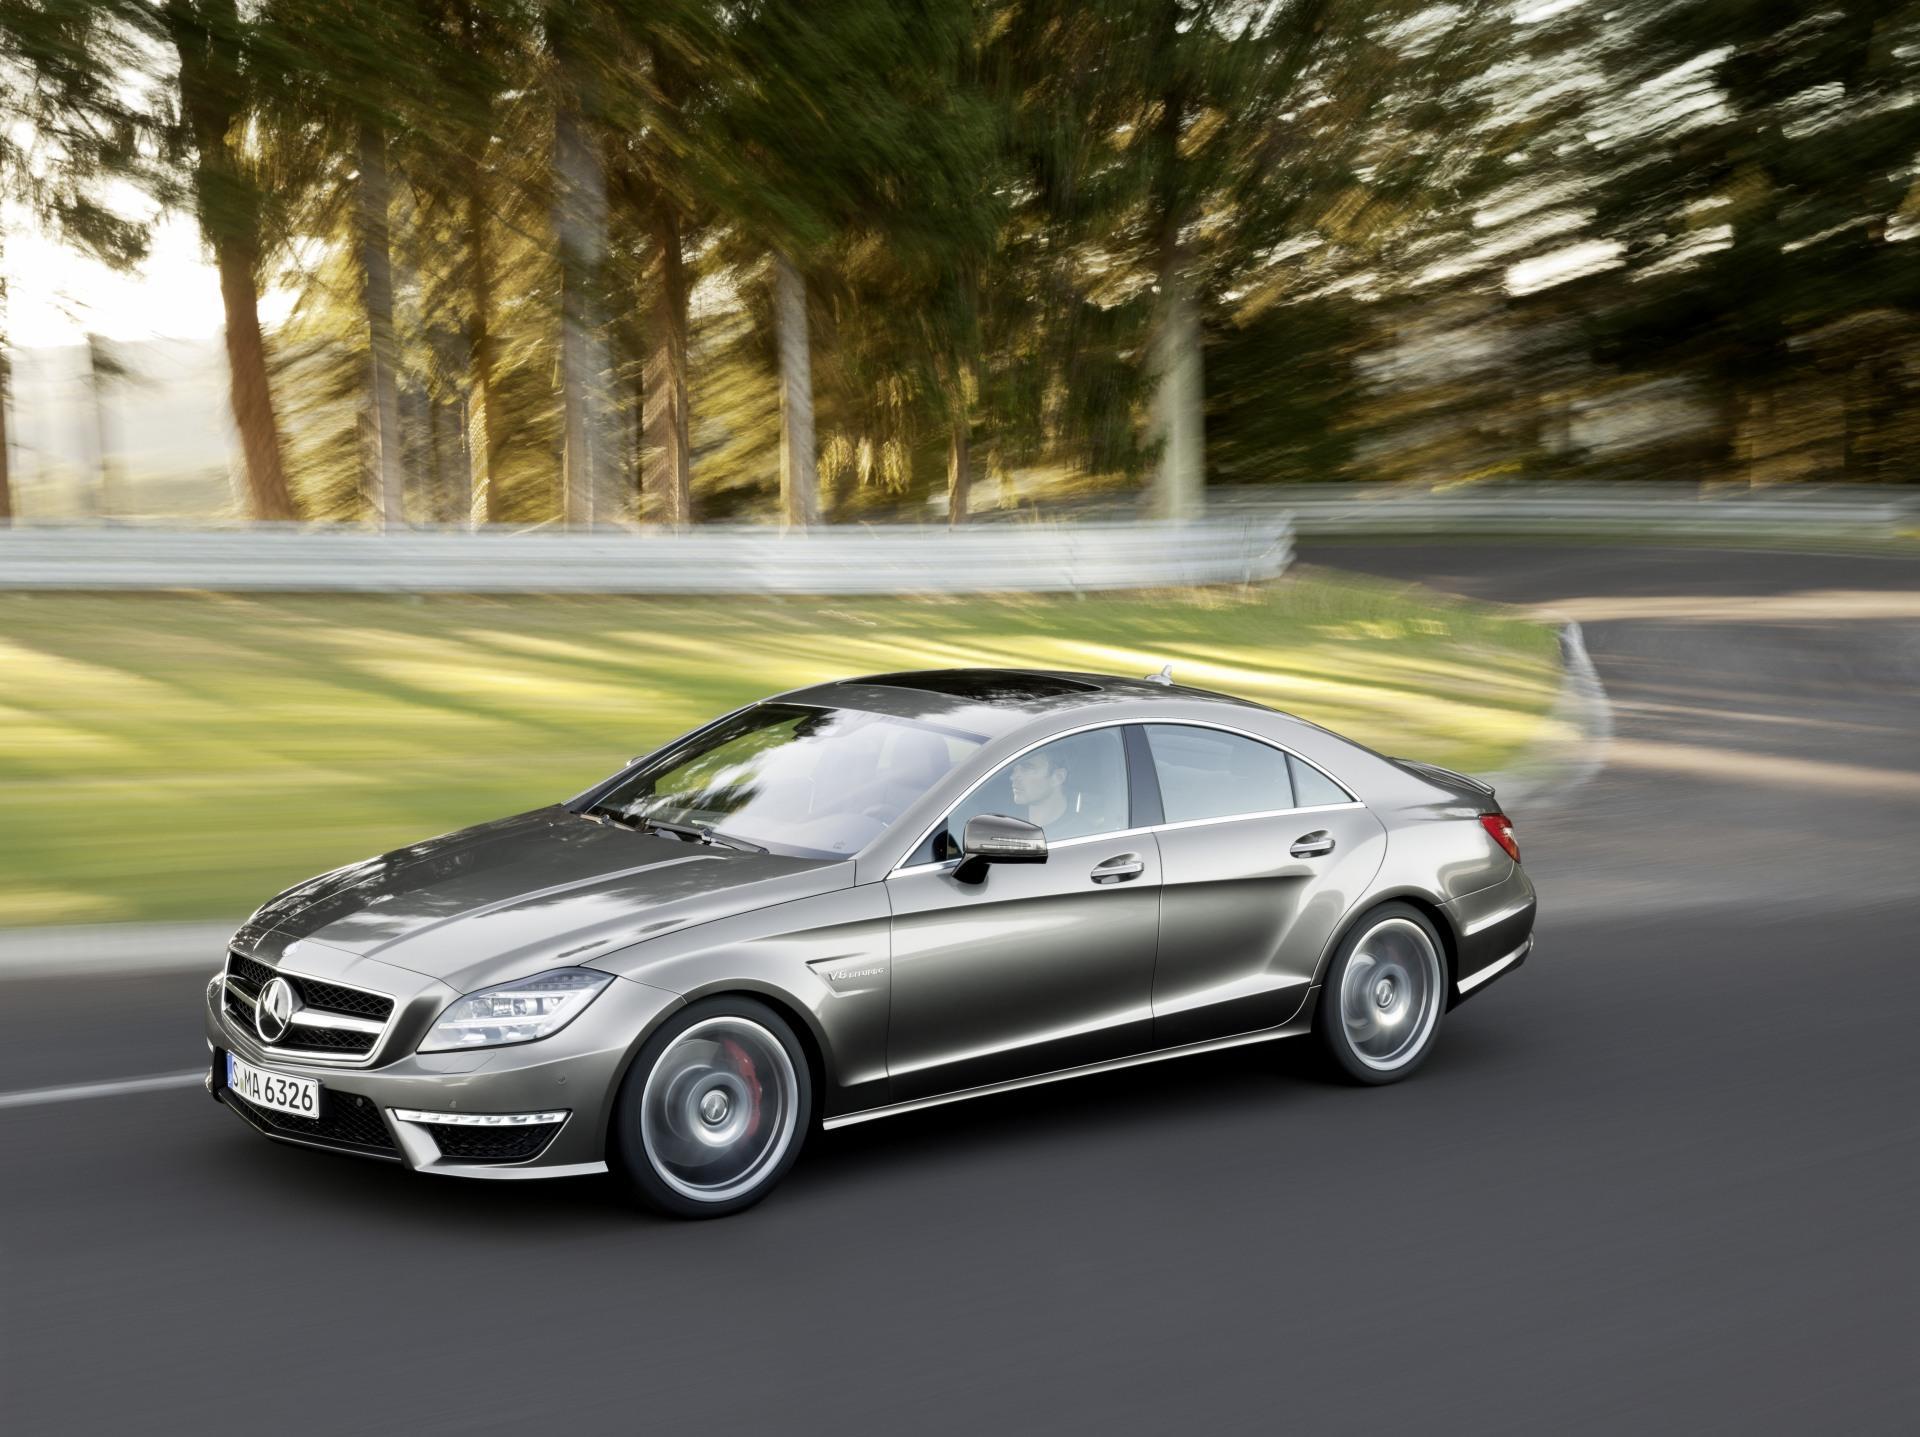 Автомобиль Mercedes-Benz CLS63 бесплатно